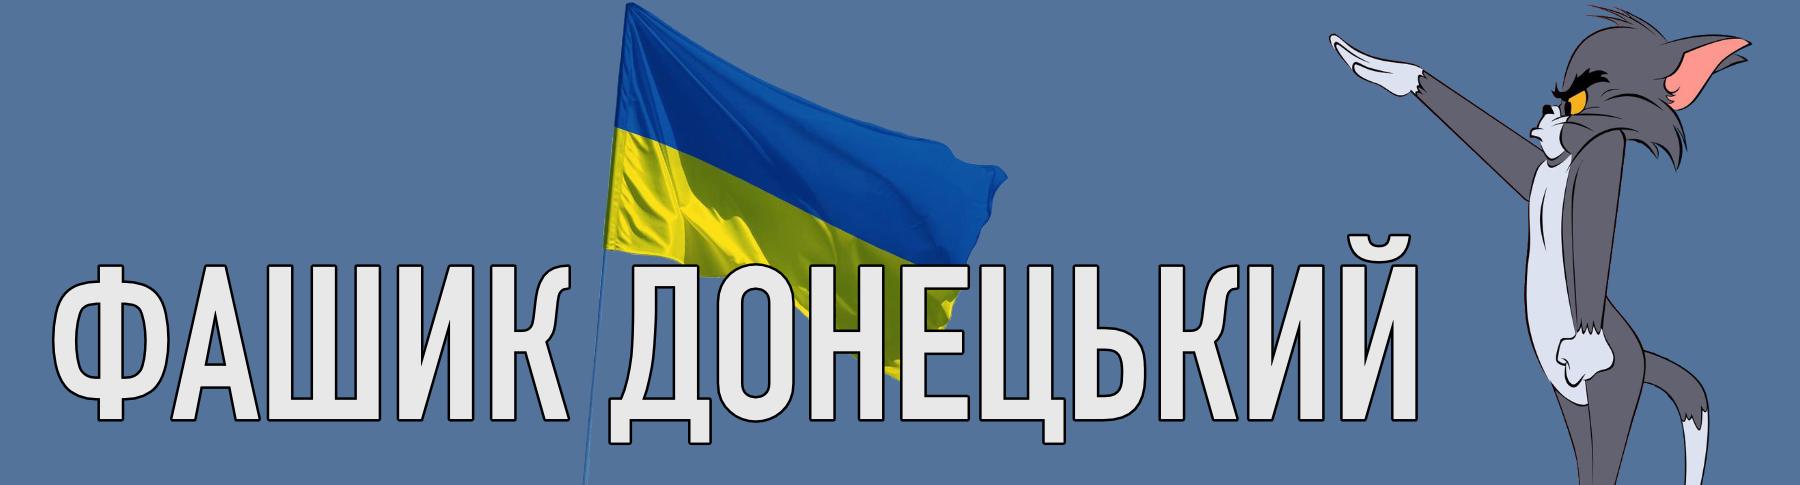 Фашик Донецкий